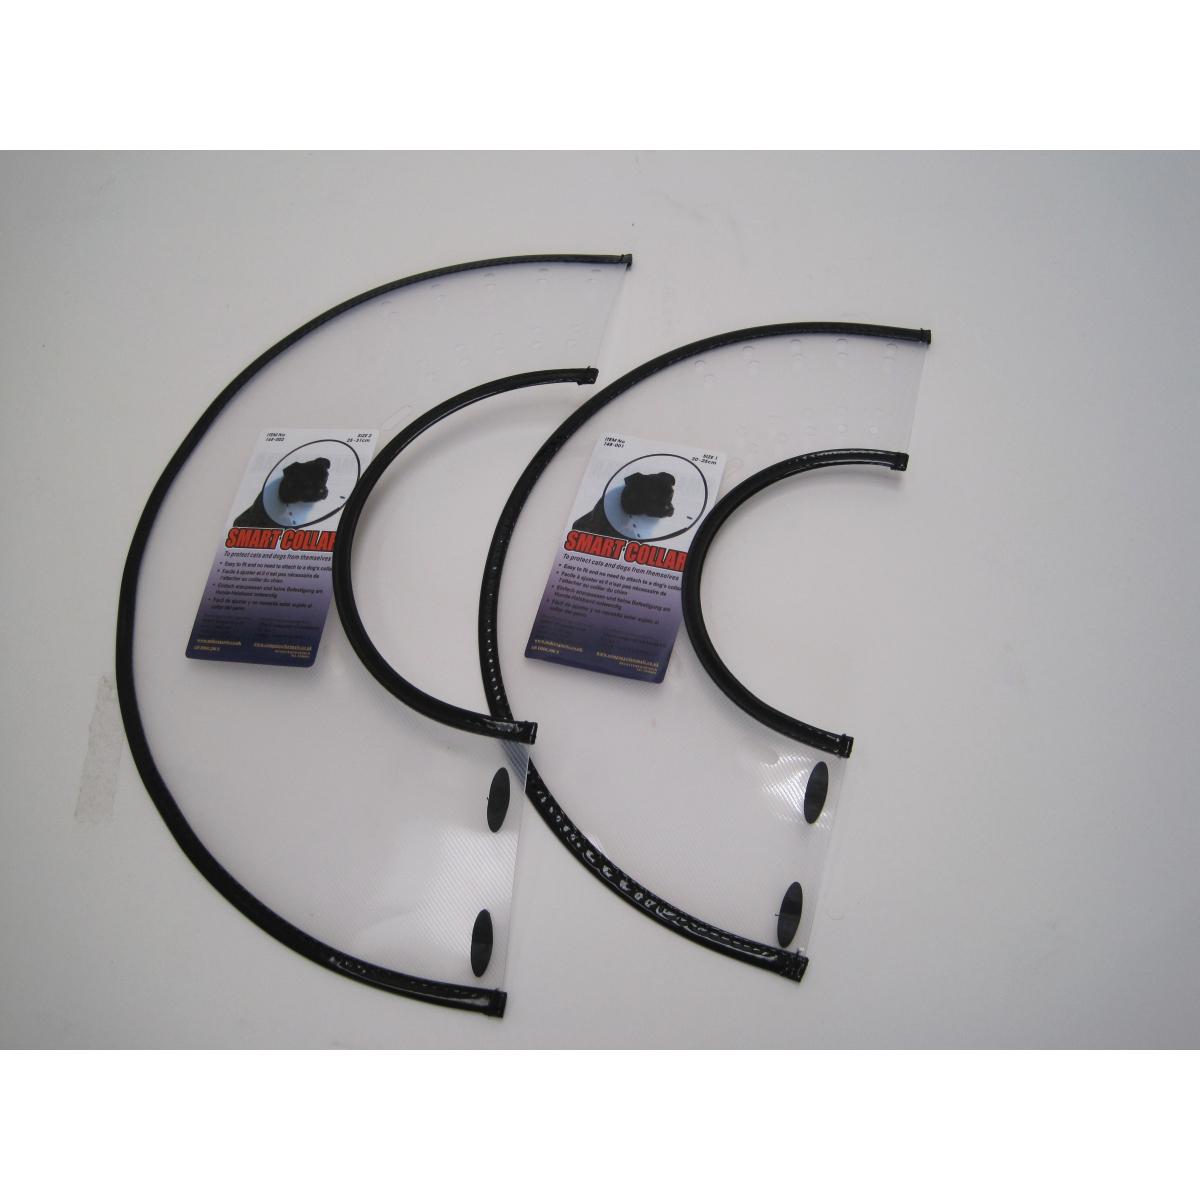 Productafbeelding voor 'Smart collar - nekkraag transparant'